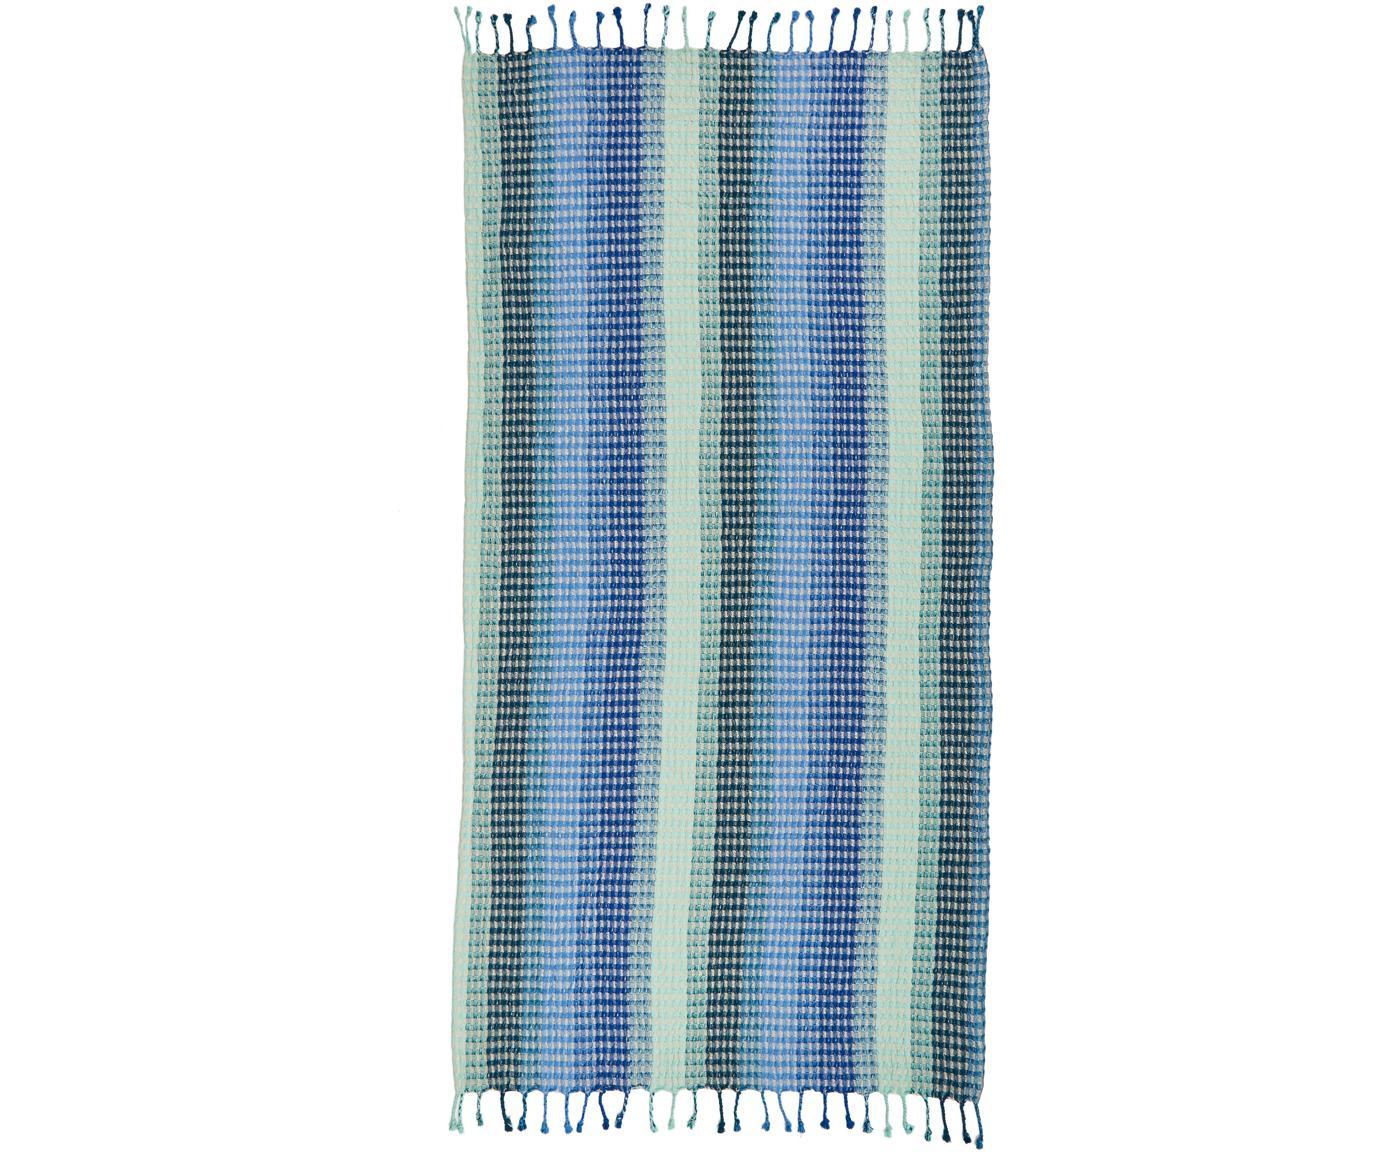 Telo mare a righe Manacor, Cotone, Qualità leggera 380g/m², Tonalità blu, toni turchesi, beige chiaro, Larg. 100 x Lung. 180 cm